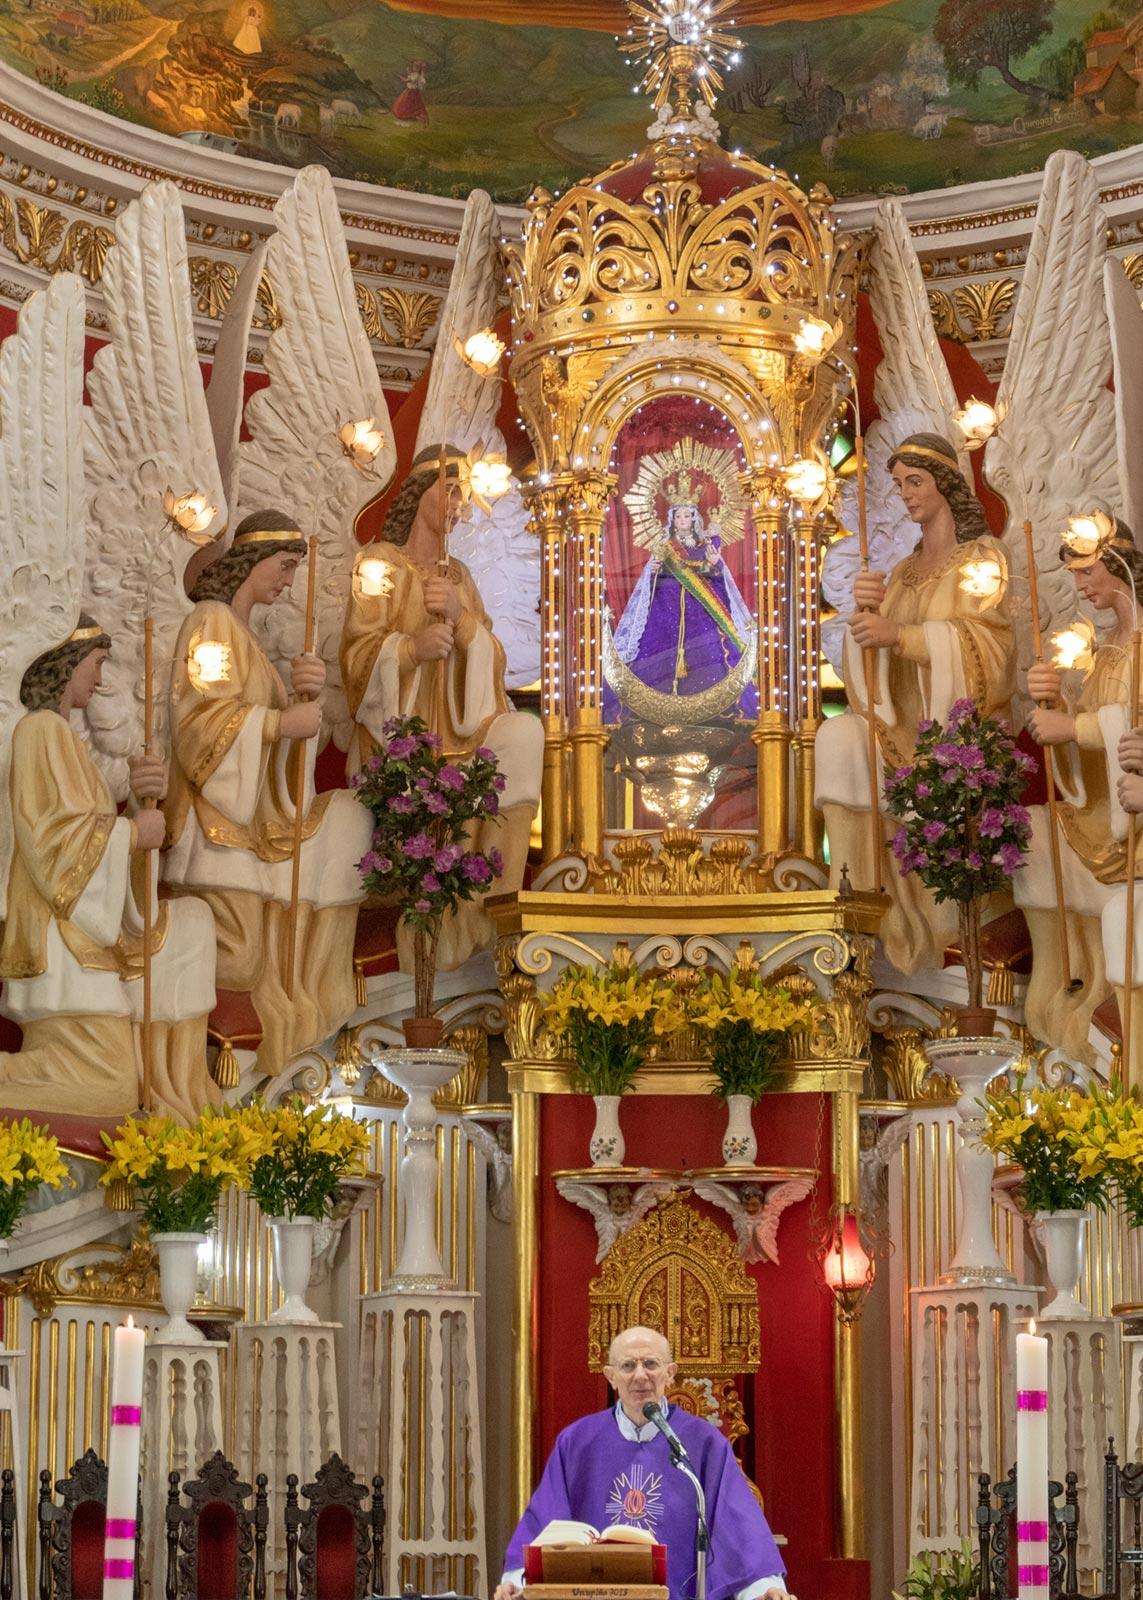 Hauptaltar in der Kirche San Ildefonso, Jungfrau von Urkupi, Quillacollo